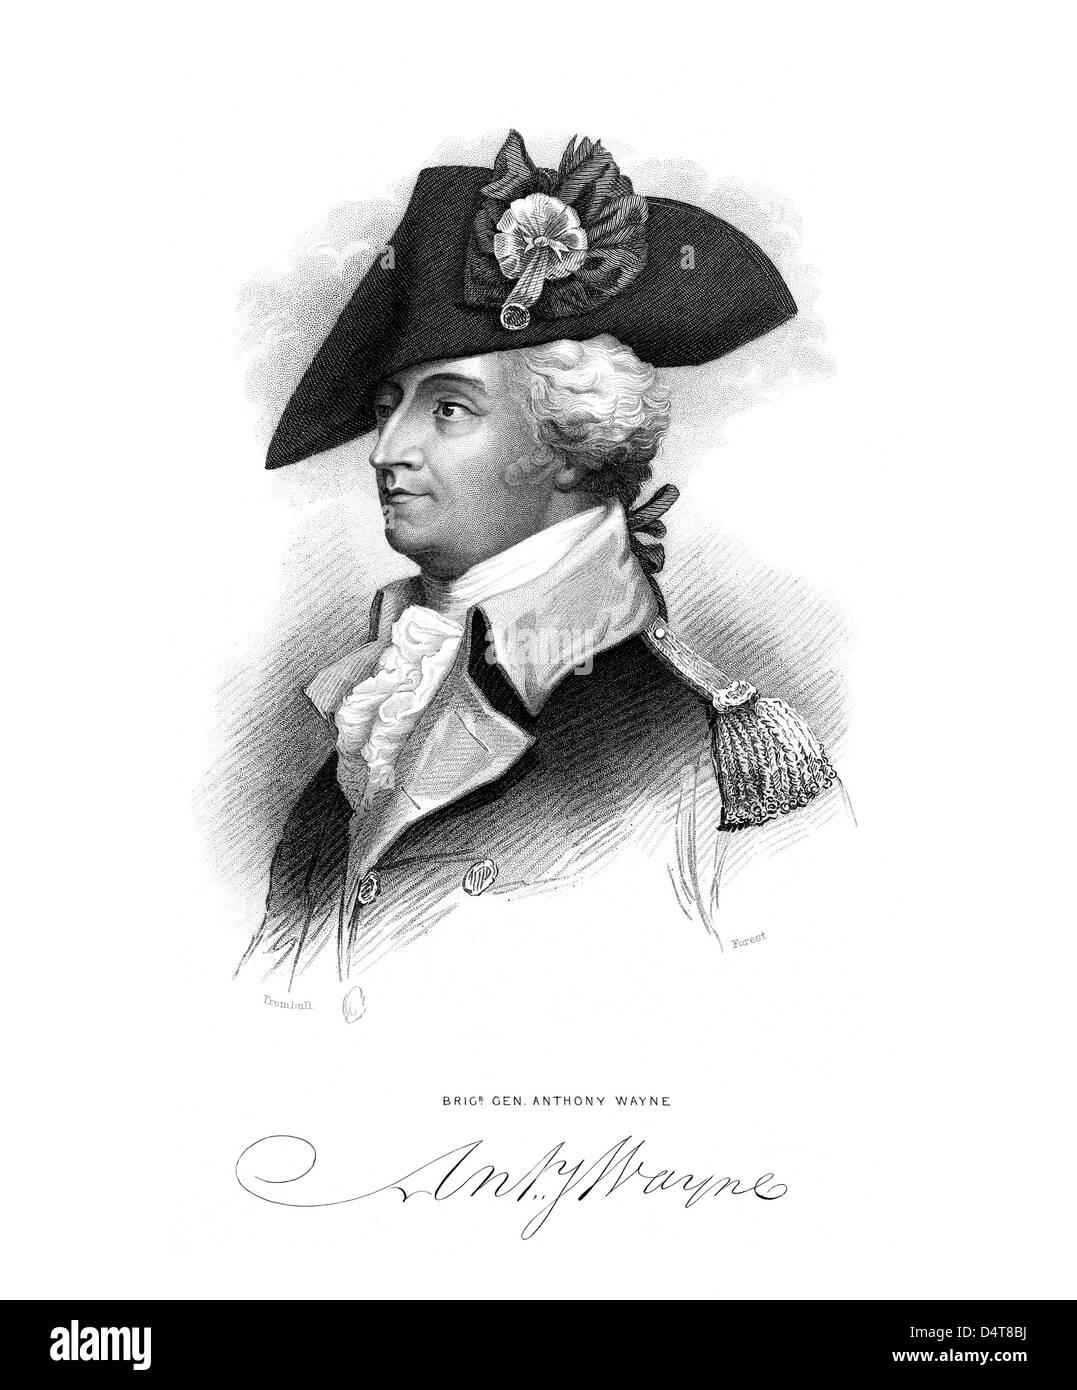 Revolutionäre Krieg Porträt des General Mad Anthony Wayne und seine Unterschrift. Stockbild